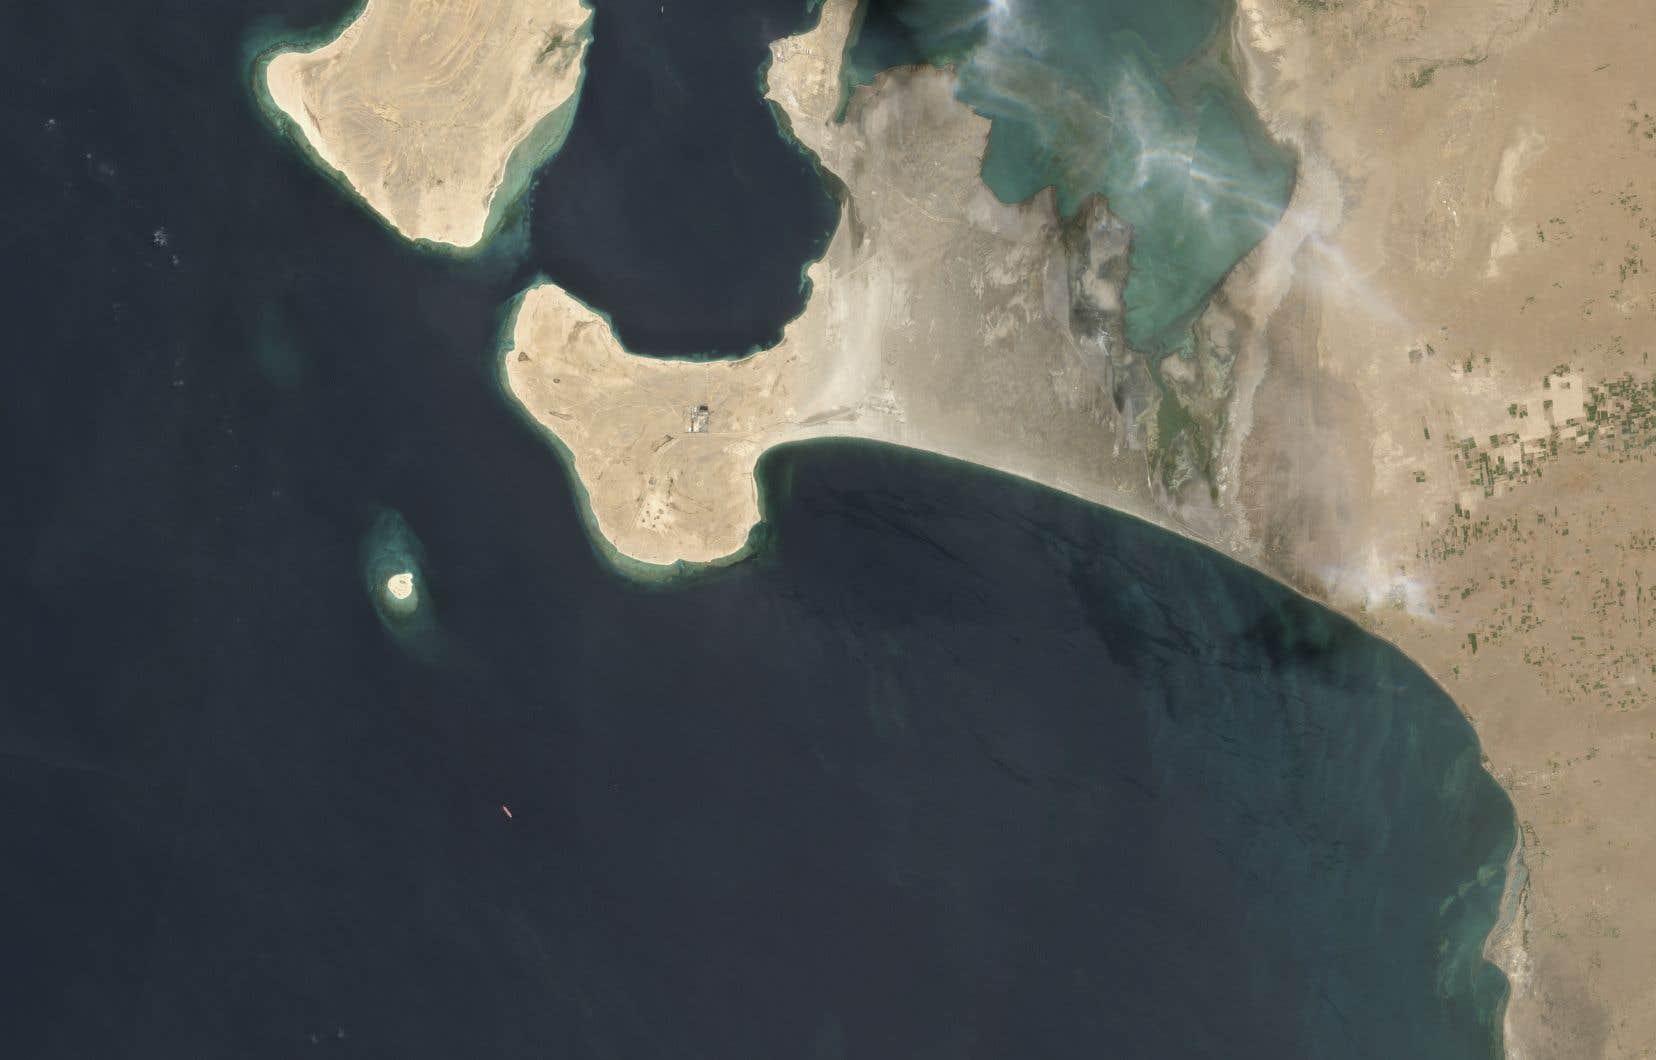 Vieux de 45ans et contenant 1,1million de barils de brut, le FSO Safer est ancré depuis 2015 au large du port de Hodeida (ouest), à une soixante de km des premières zones habitées dans le pays en guerre entre pouvoir et rebelles Houthis depuis 2014.